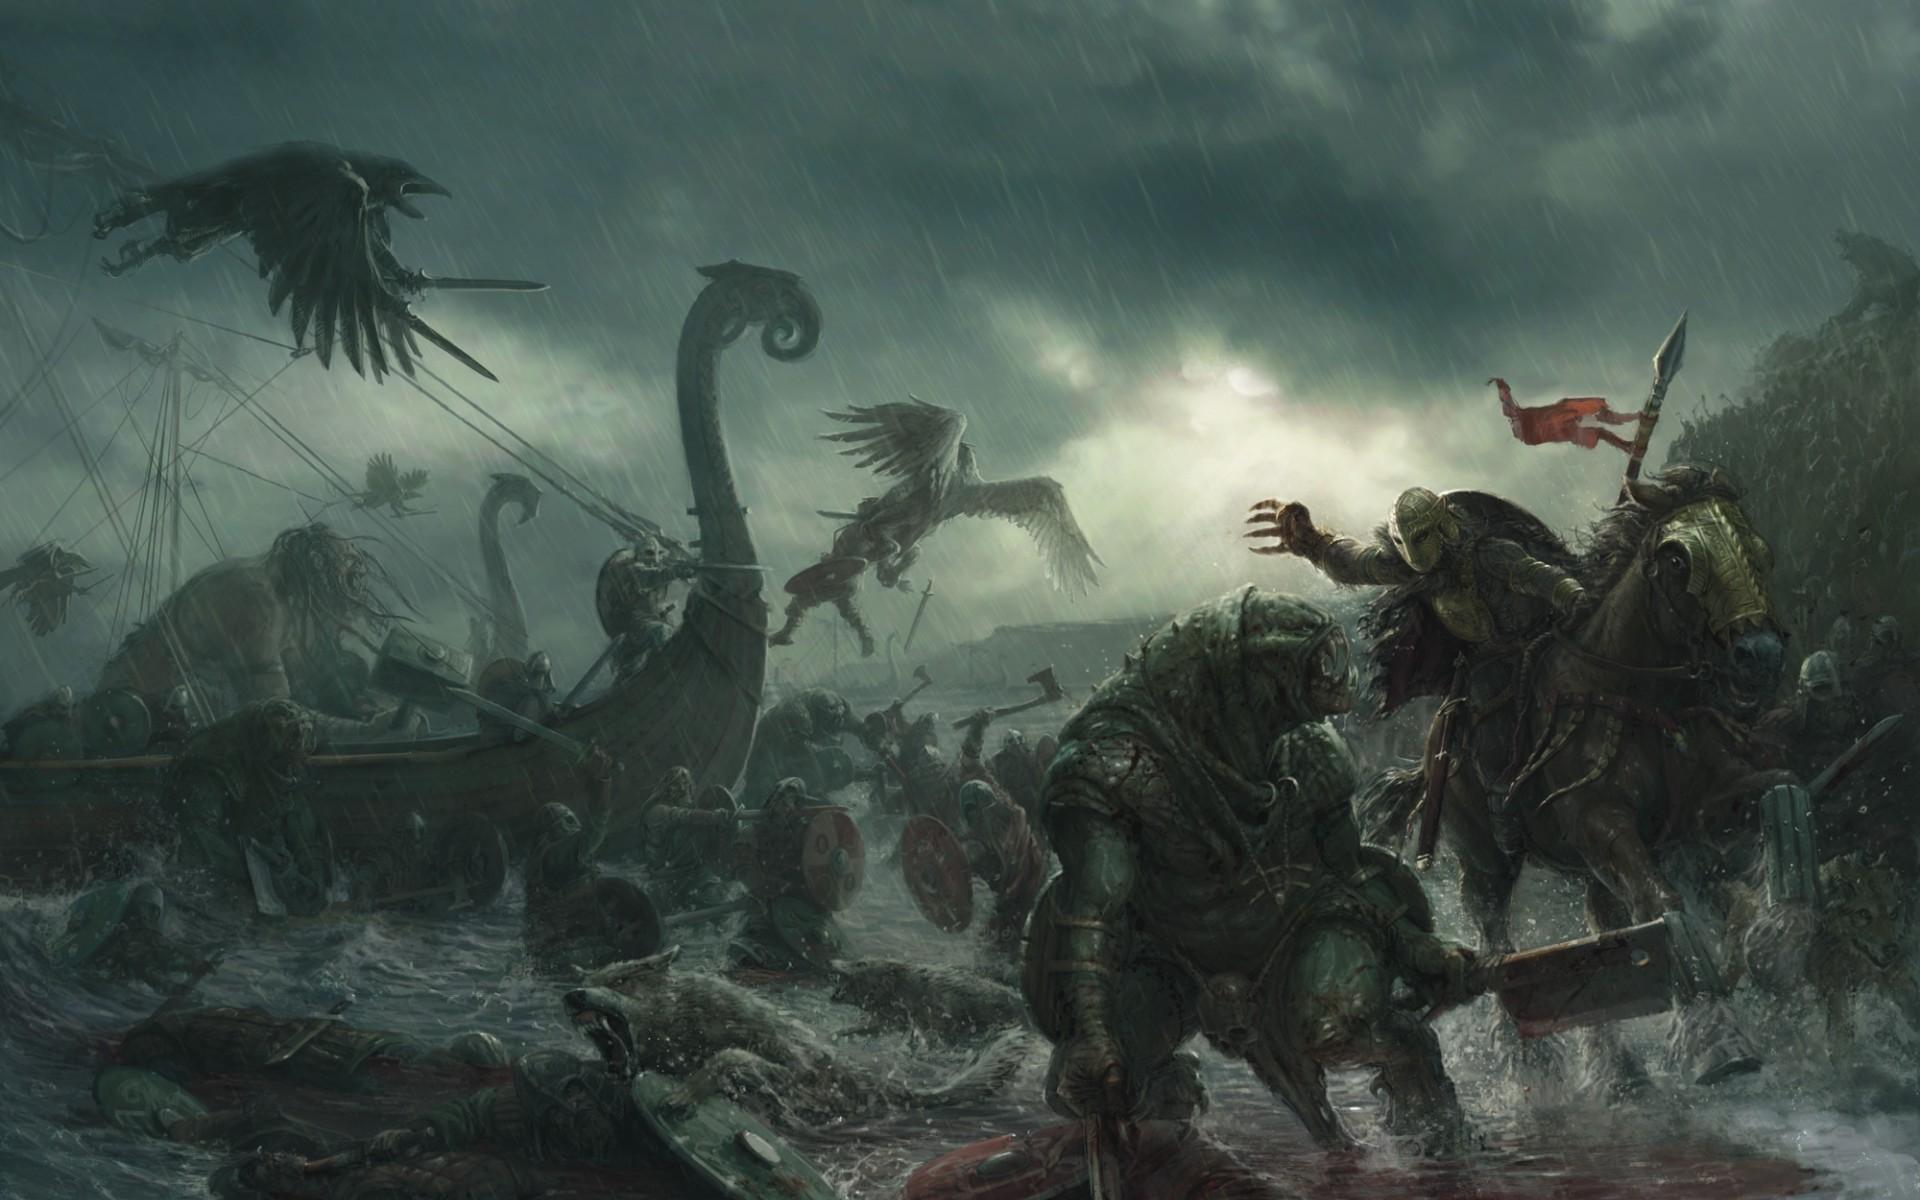 Fantasy Battle   War Fantasy   Pinterest   Fantasy art, Fantasy rpg and RPG